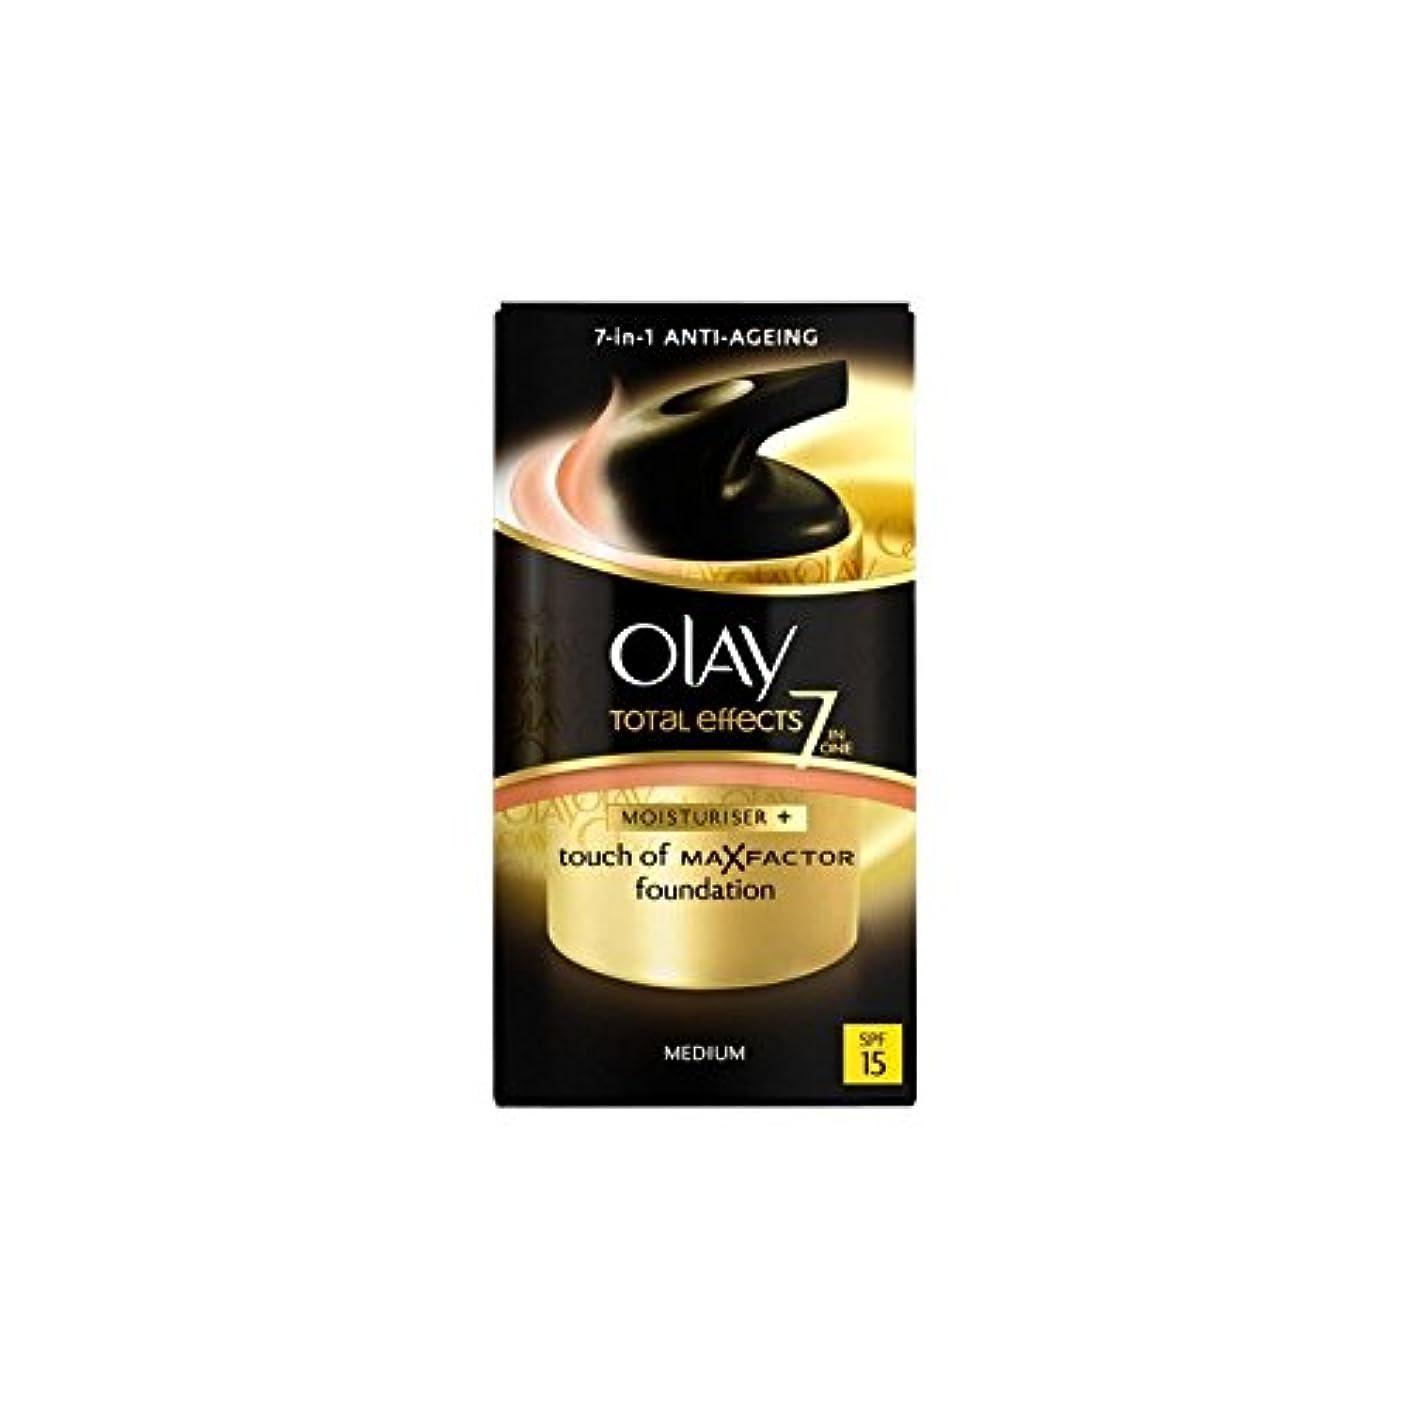 サーバ裏切る勤勉オーレイトータルエフェクト保湿クリーム15 - 培地(50ミリリットル) x4 - Olay Total Effects Moisturiser Bb Cream Spf15 - Medium (50ml) (Pack of 4) [並行輸入品]